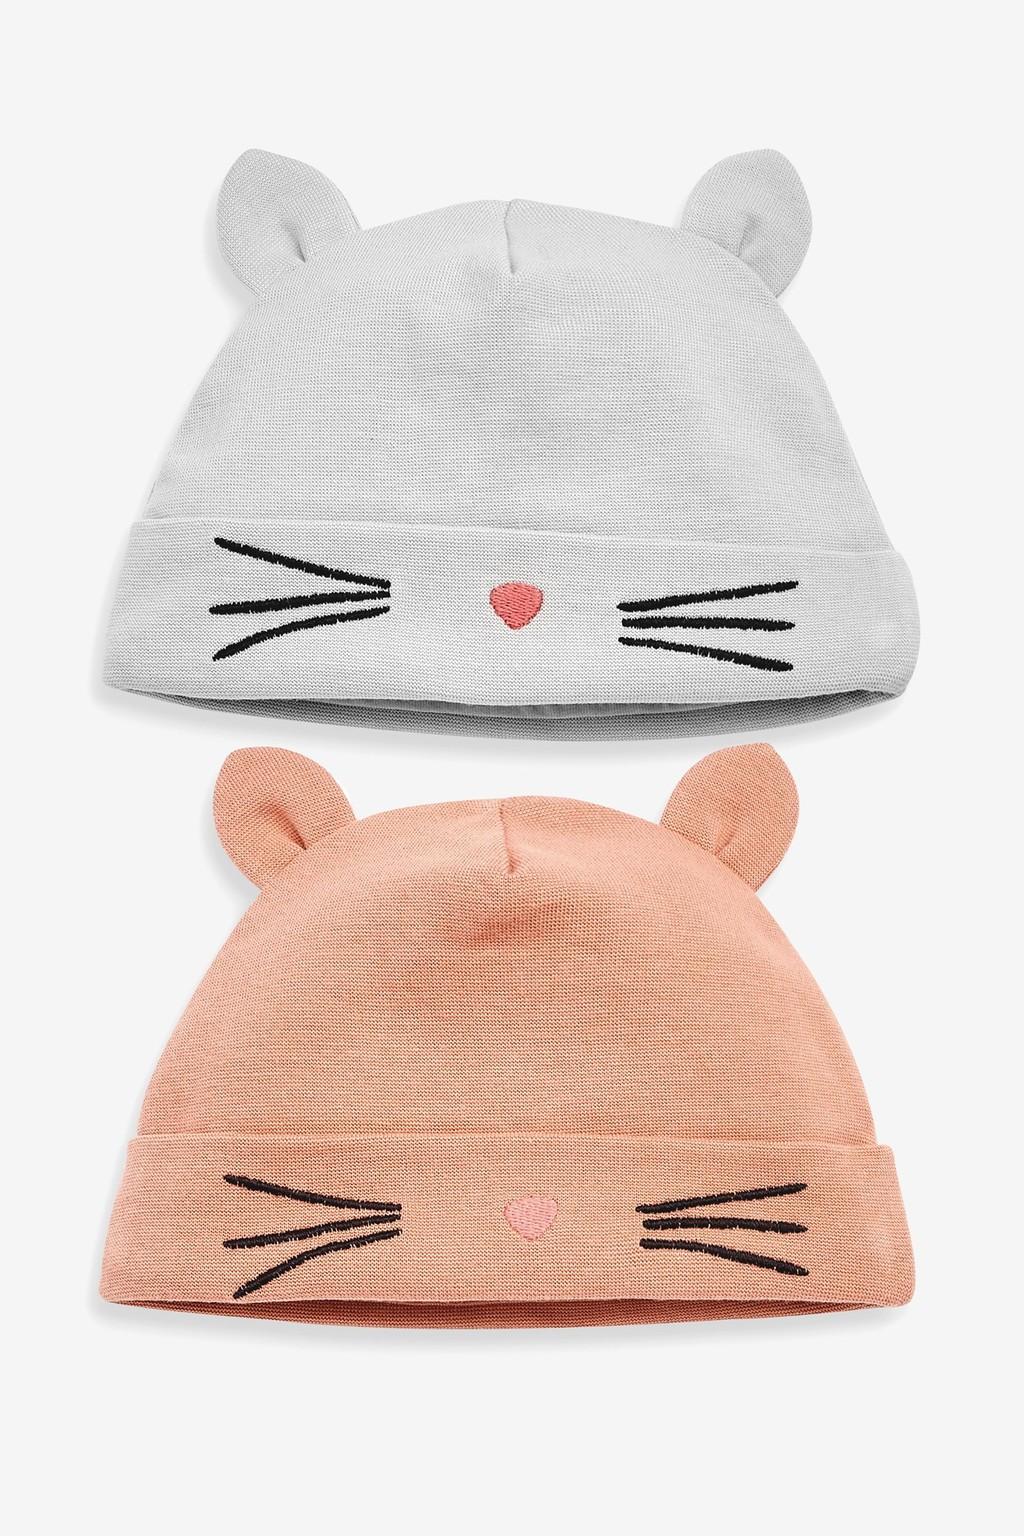 כובעים (החל מ-18 ₪) (אתר NEXT)